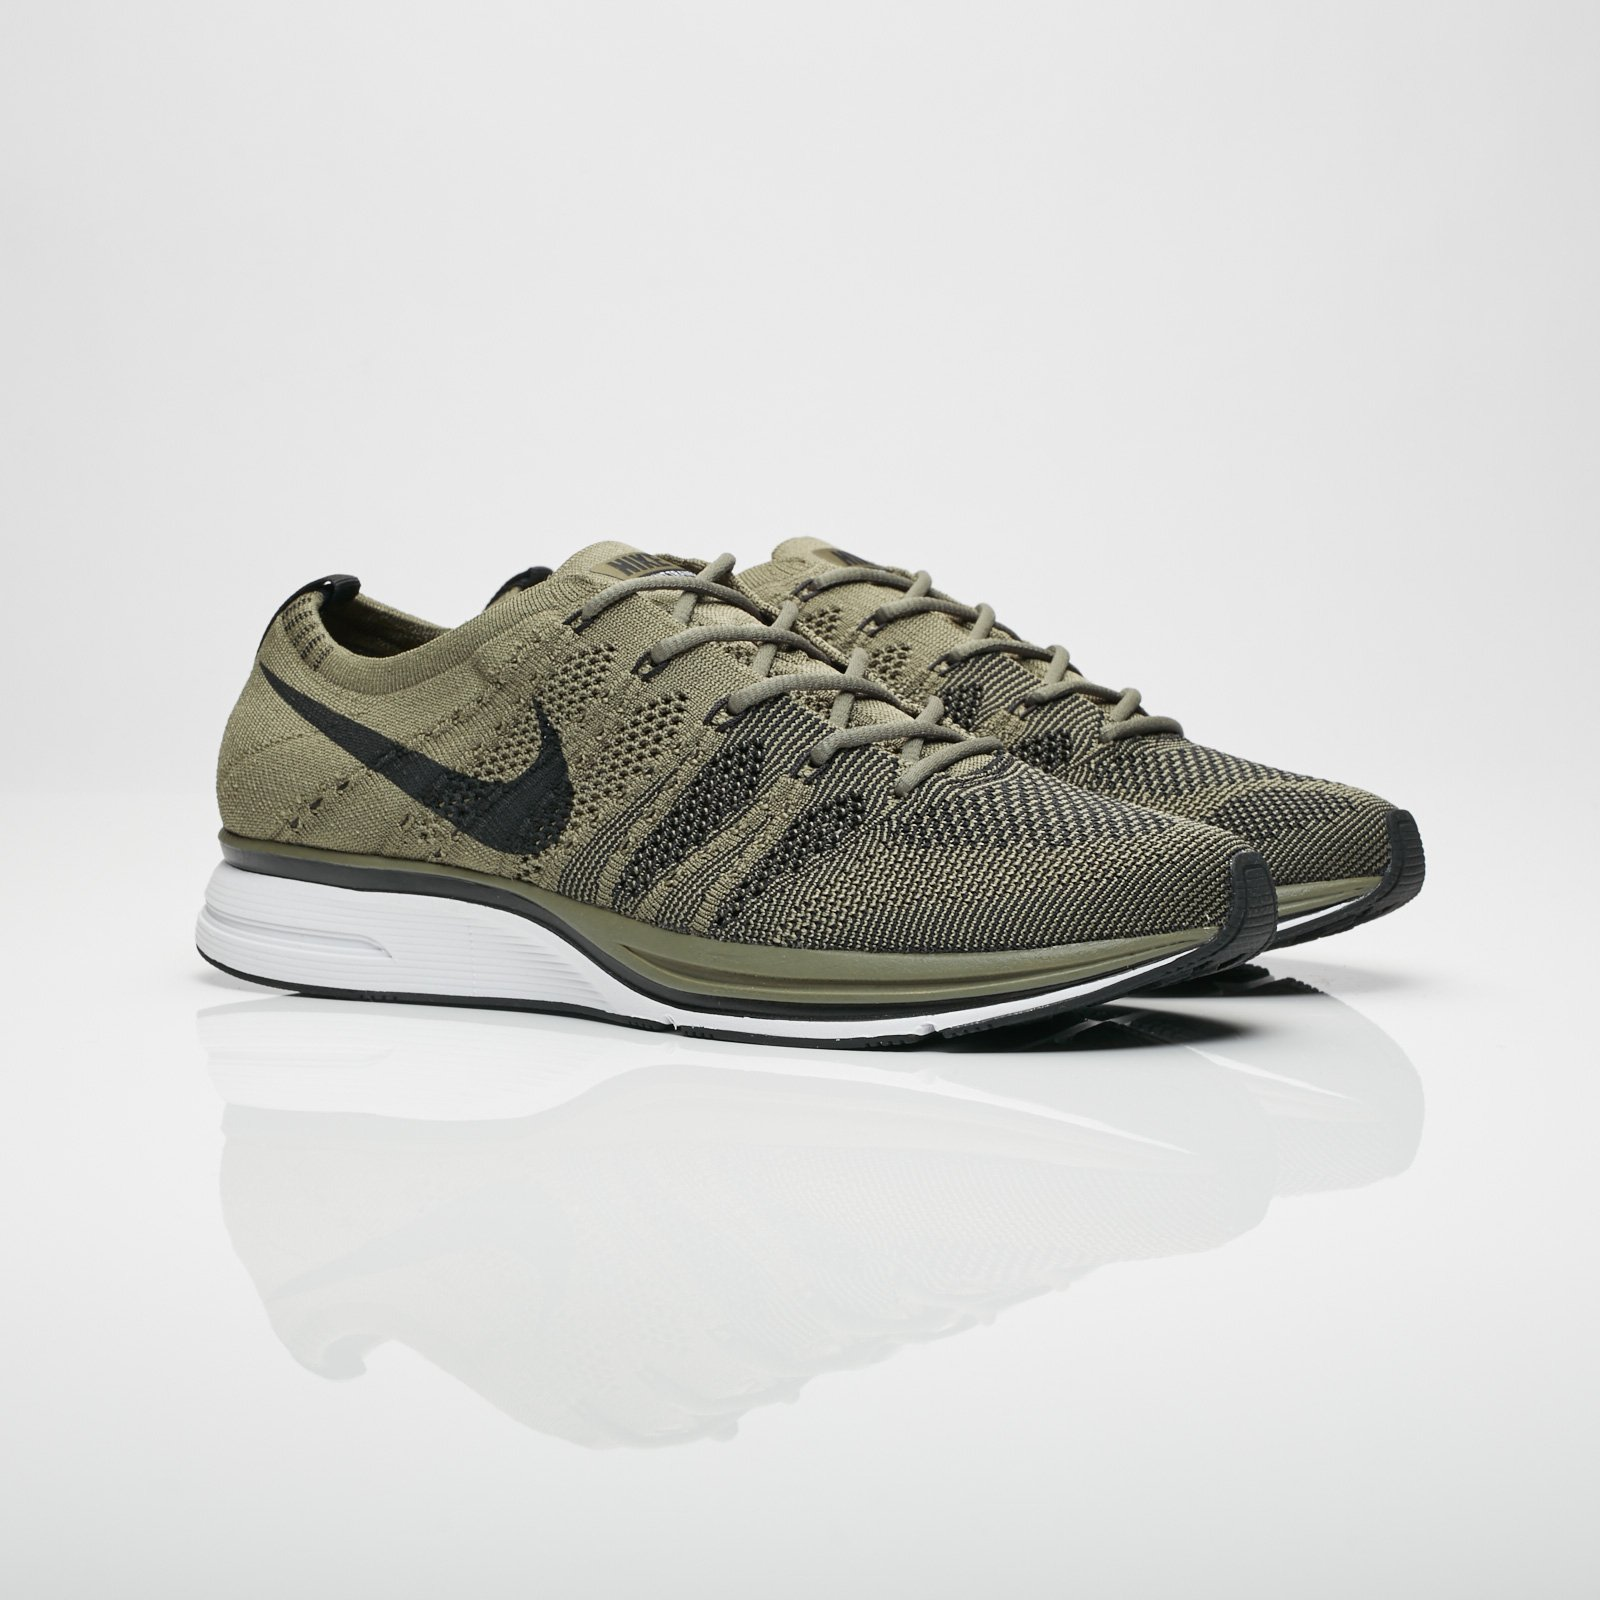 fdd092b0cb76 Nike Flyknit Trainer - Ah8396-200 - Sneakersnstuff